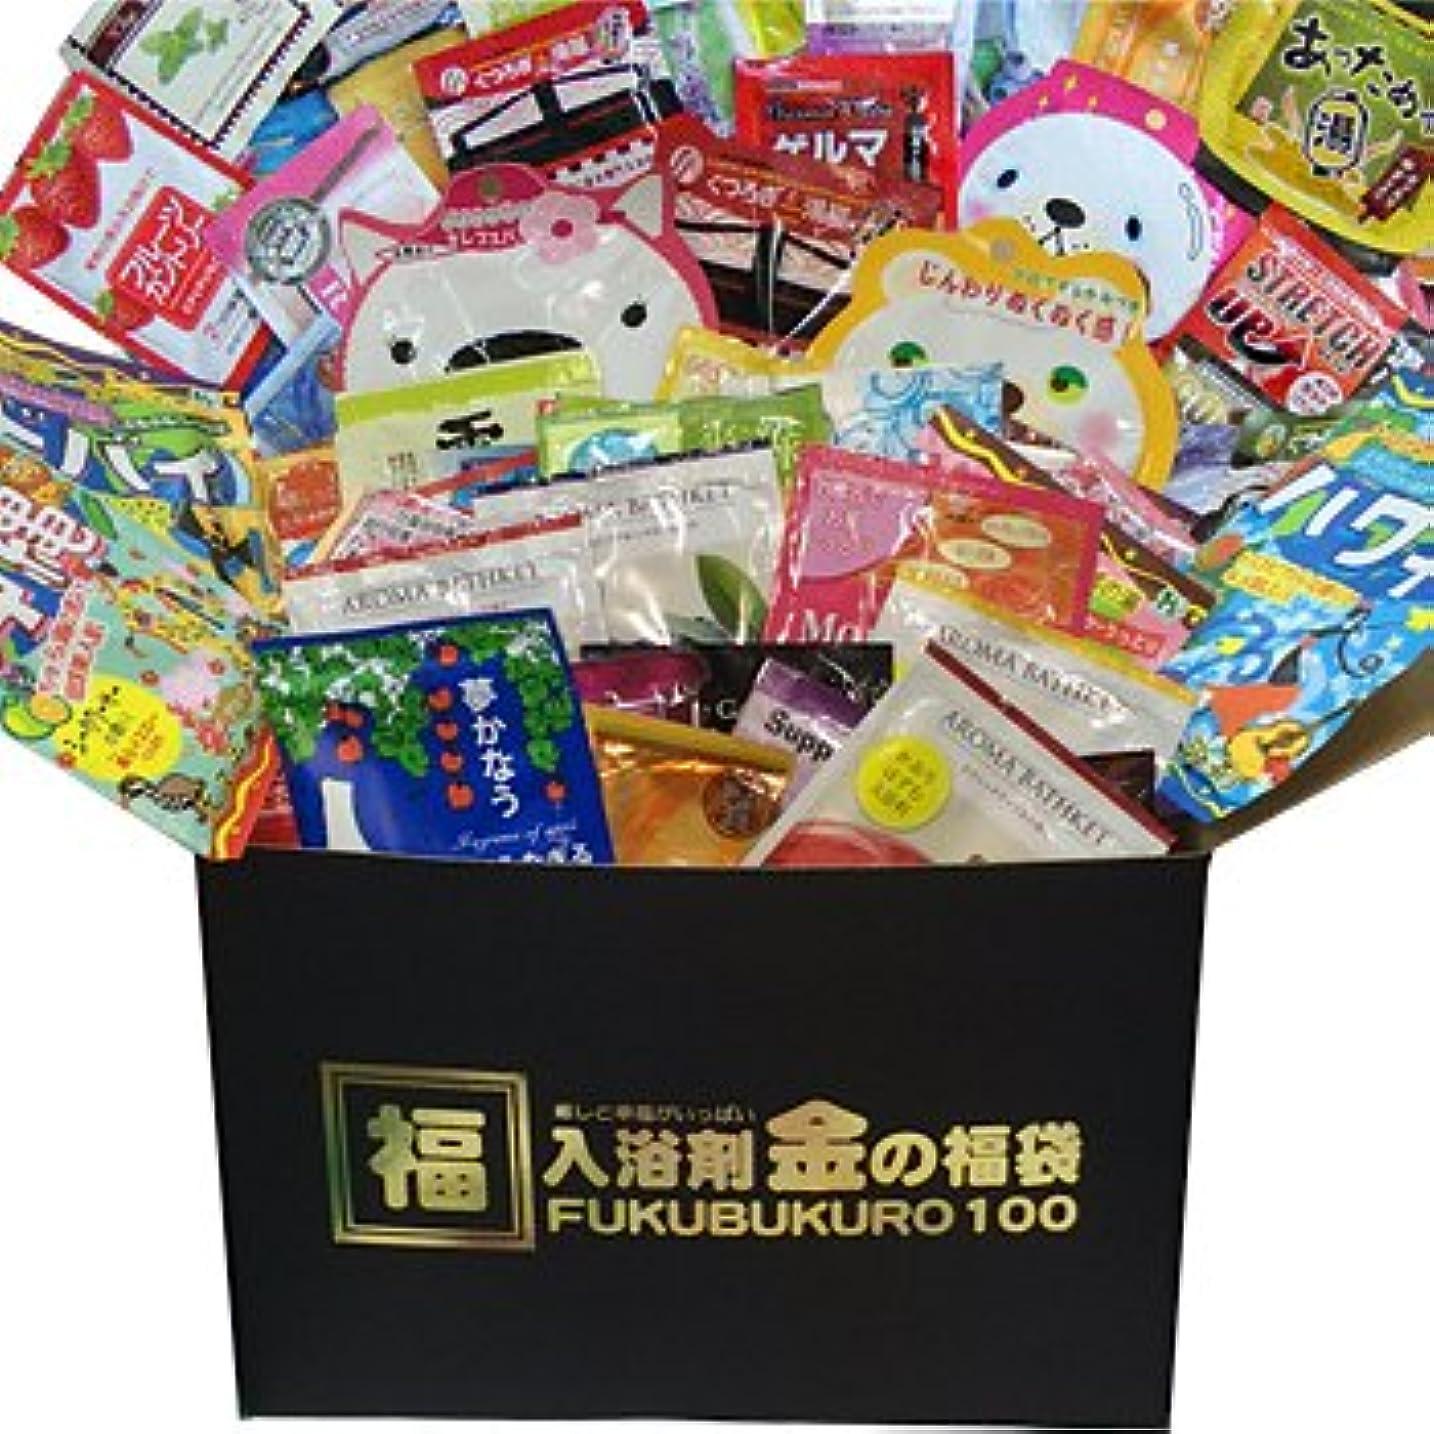 原油過去影響力のある金の! 【入浴剤 福袋】100個 安心の日本製!入浴剤福袋/入浴剤 福袋/ギフト